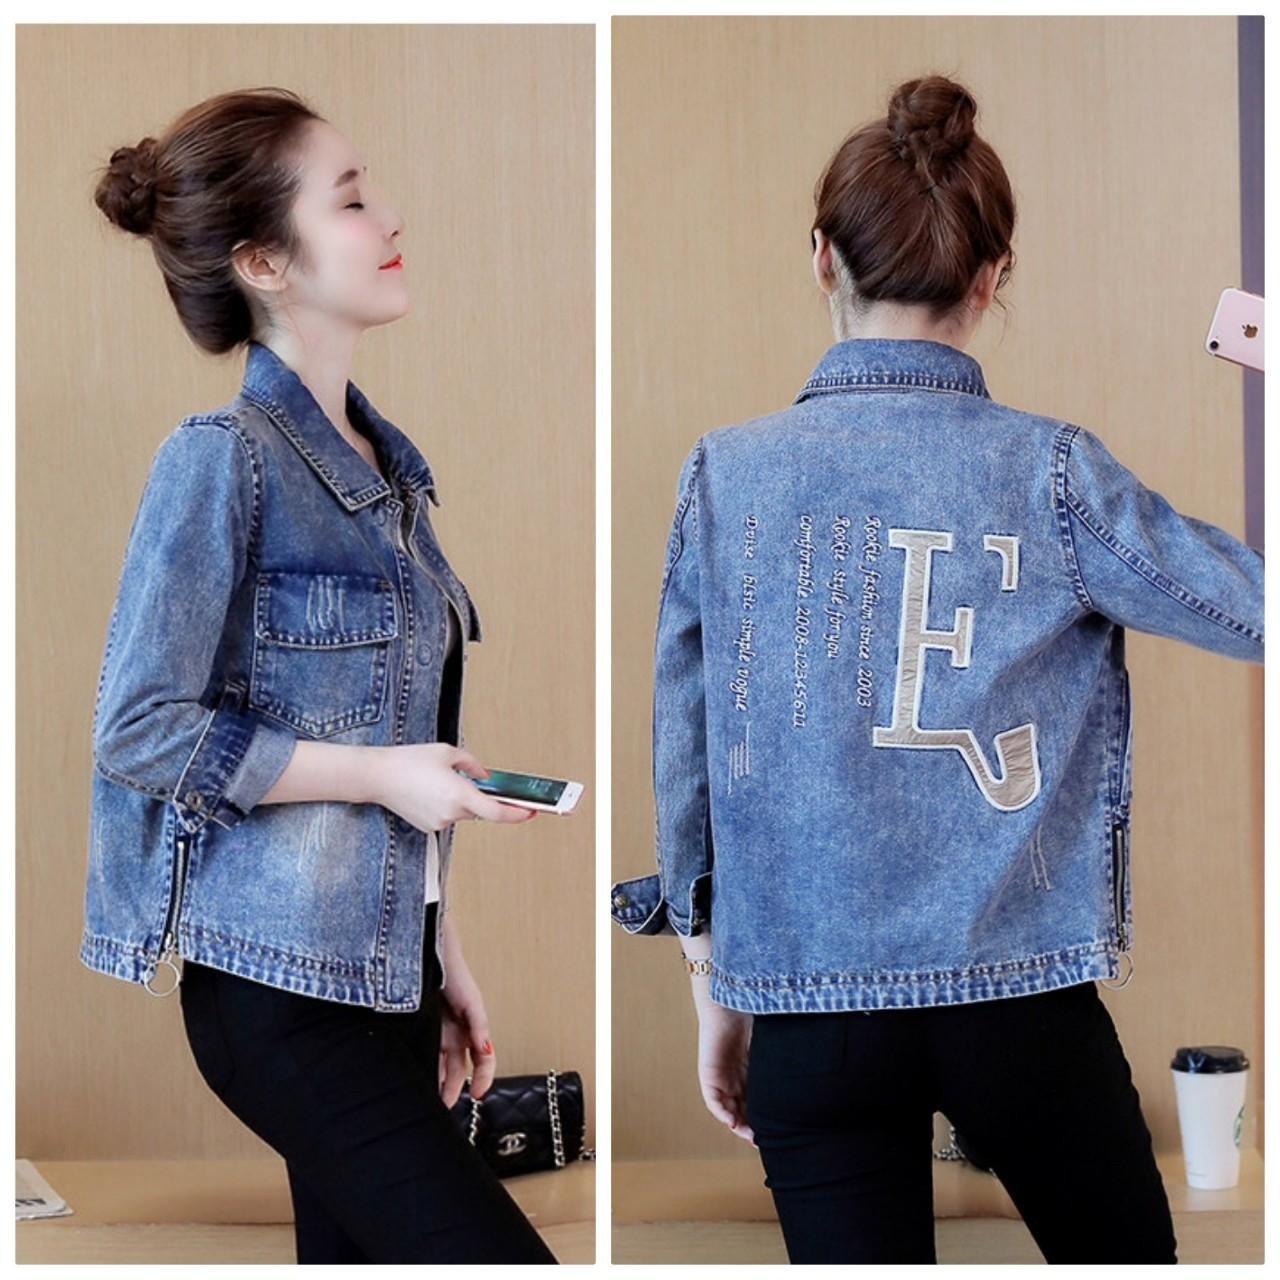 Chiết Khấu Ao Khoac Jeans Theu Kim Sachữ E By1054 Beyeu1688 Hồ Chí Minh